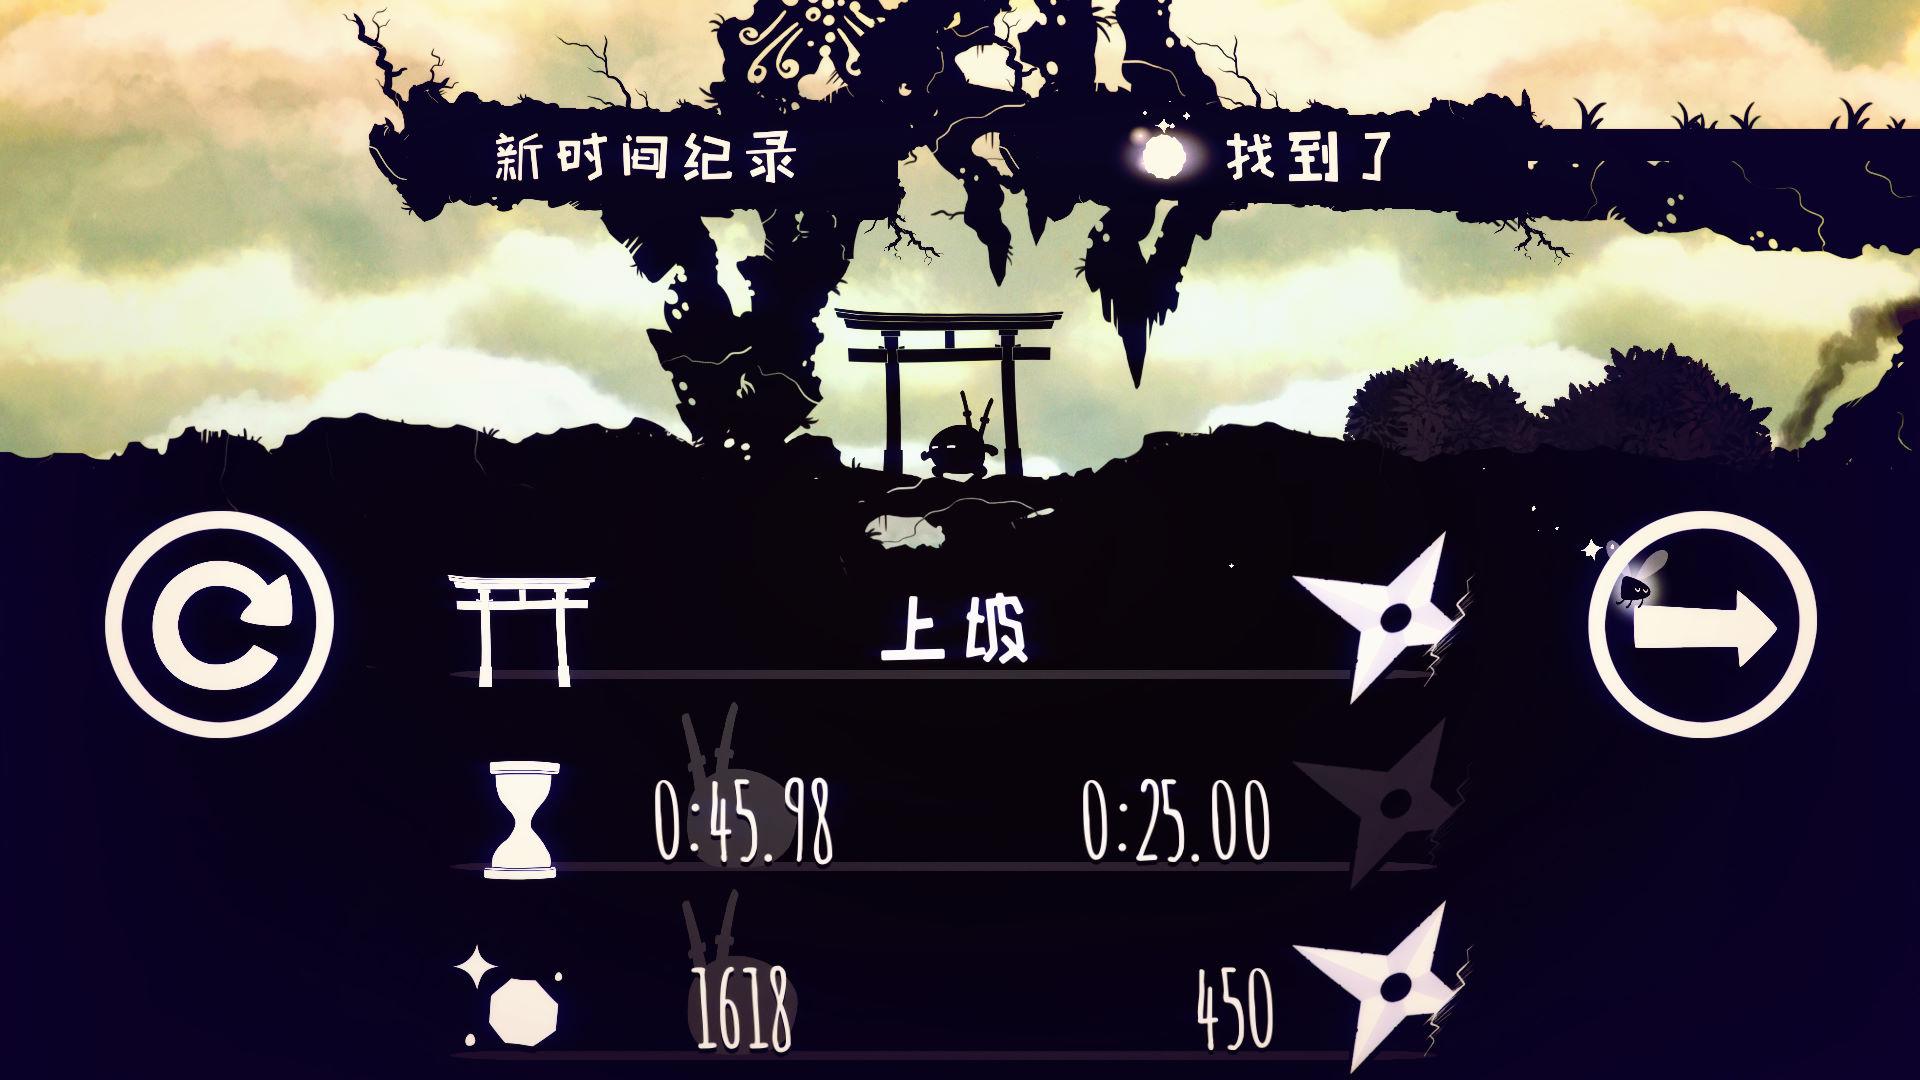 《忍者暗影虫》官方简体中文免安装版